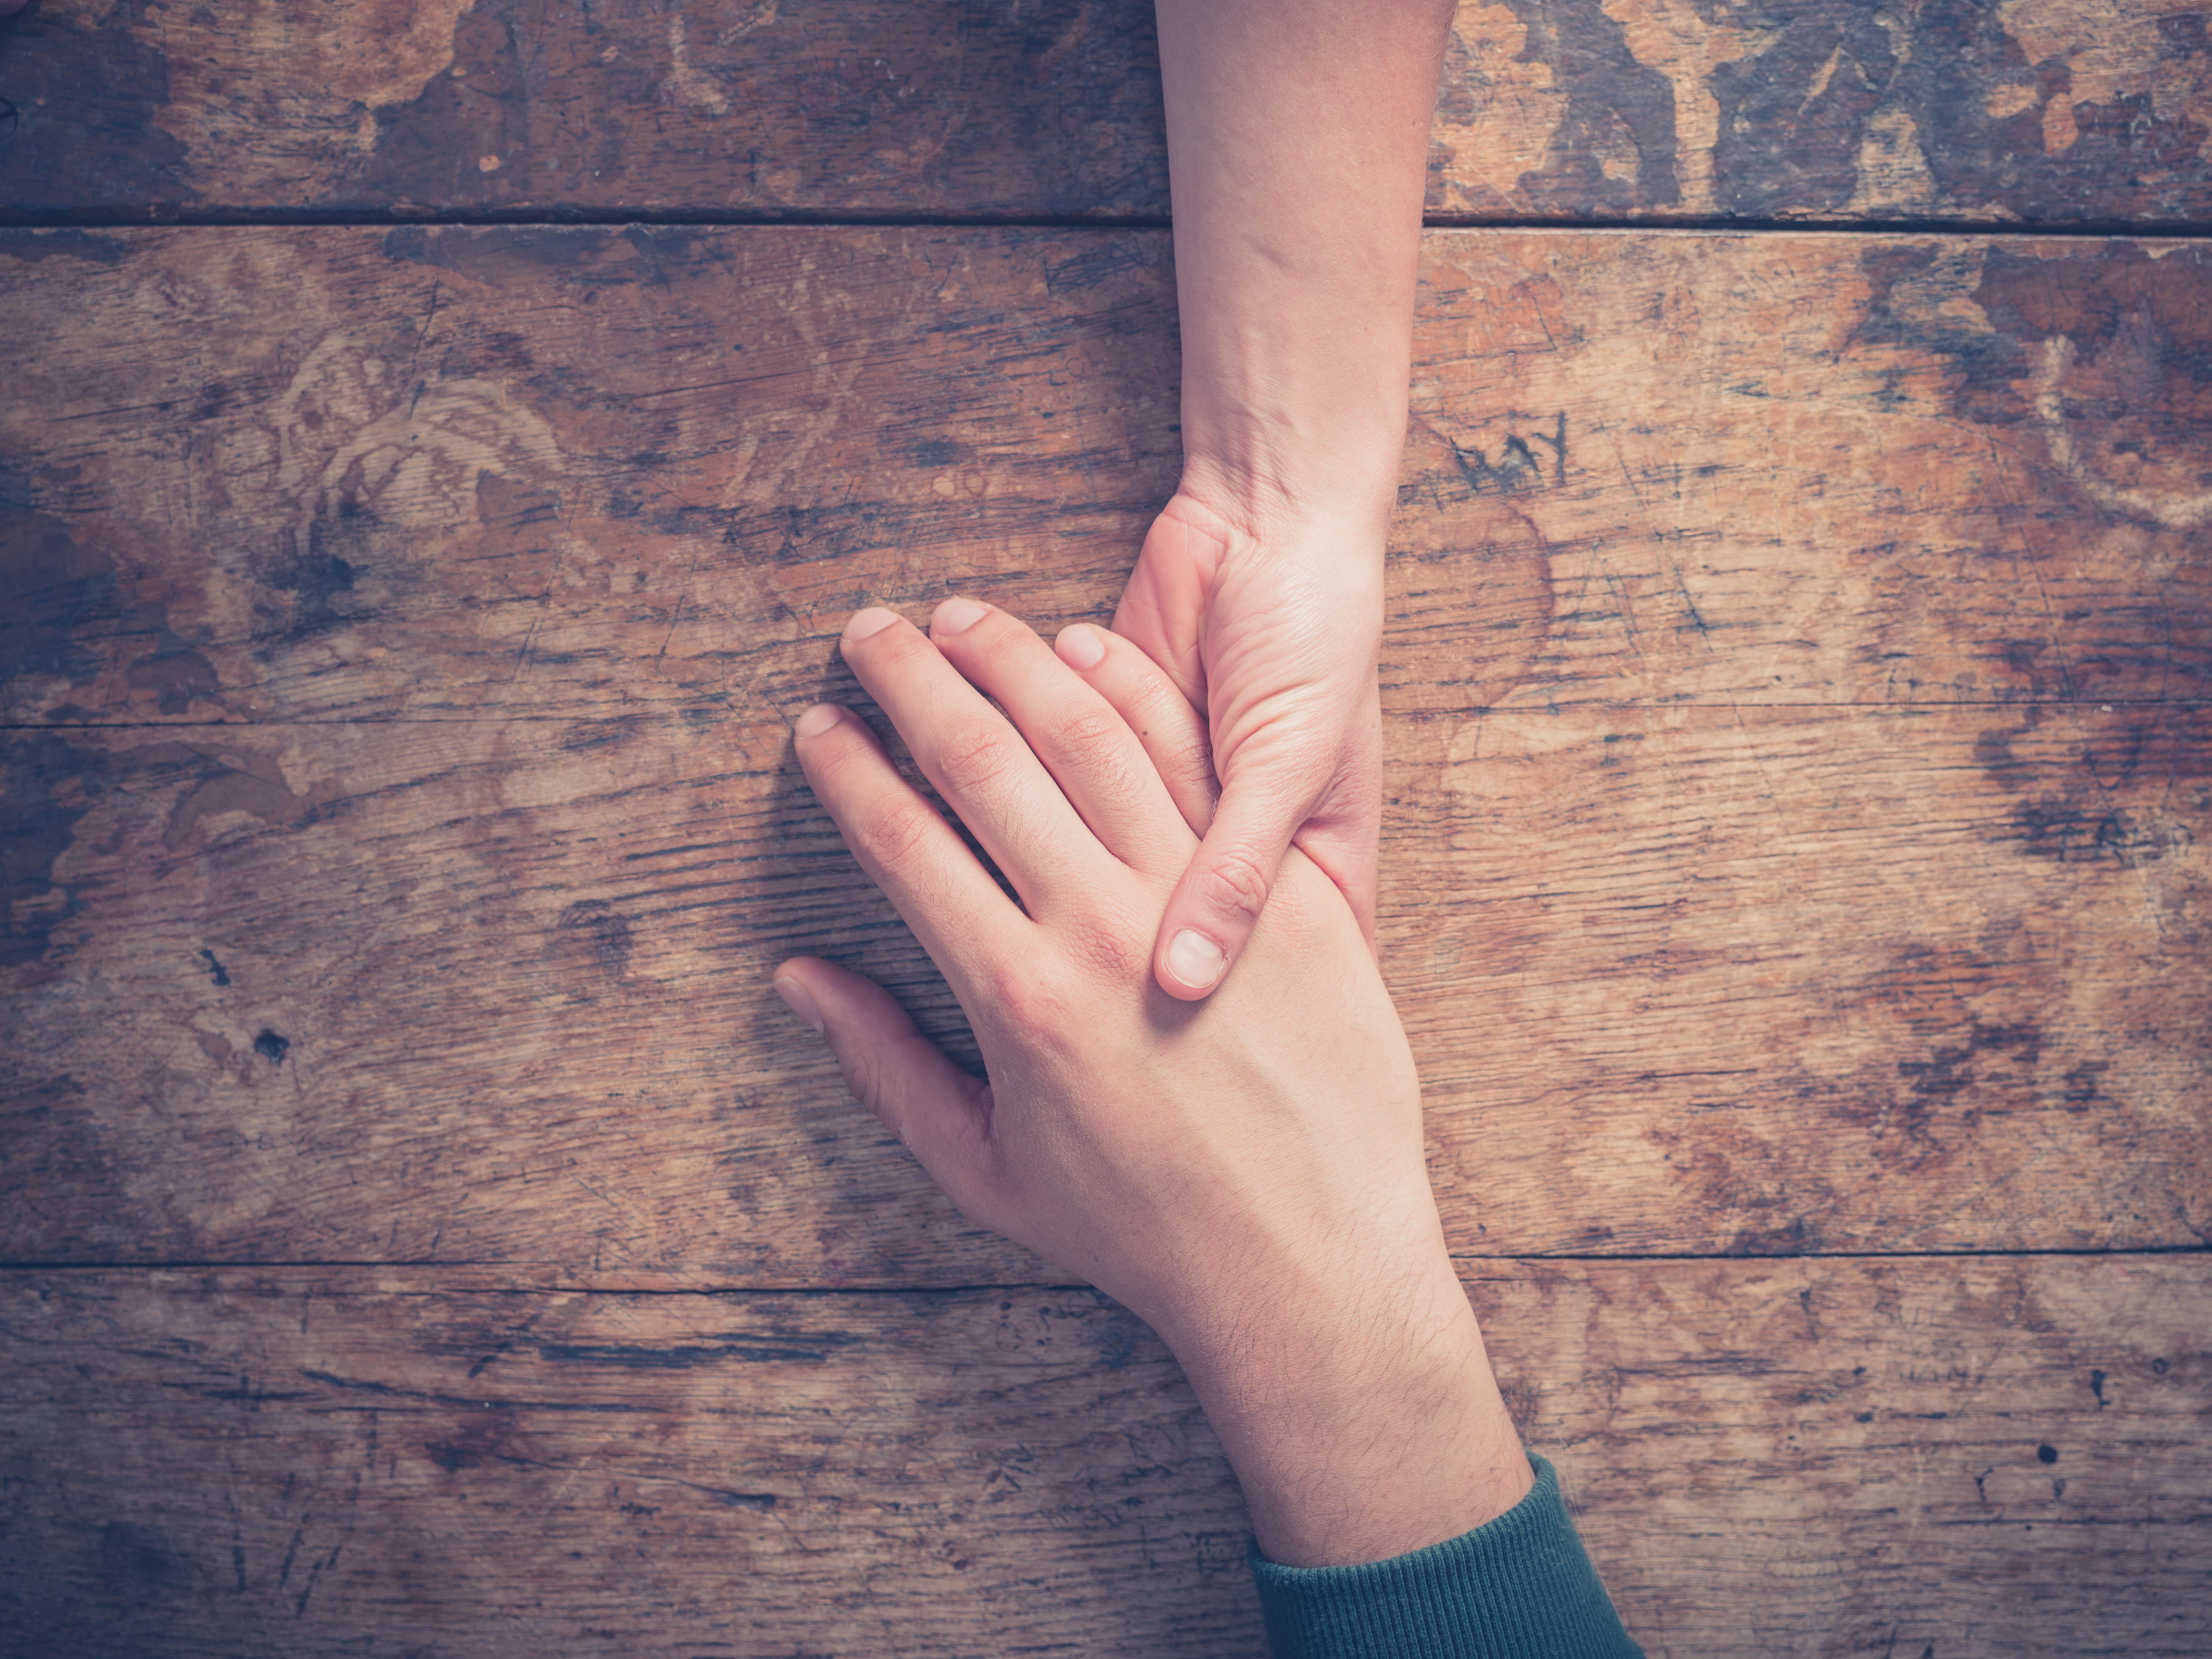 De positieve aanpak van acceptance and commitment therapy